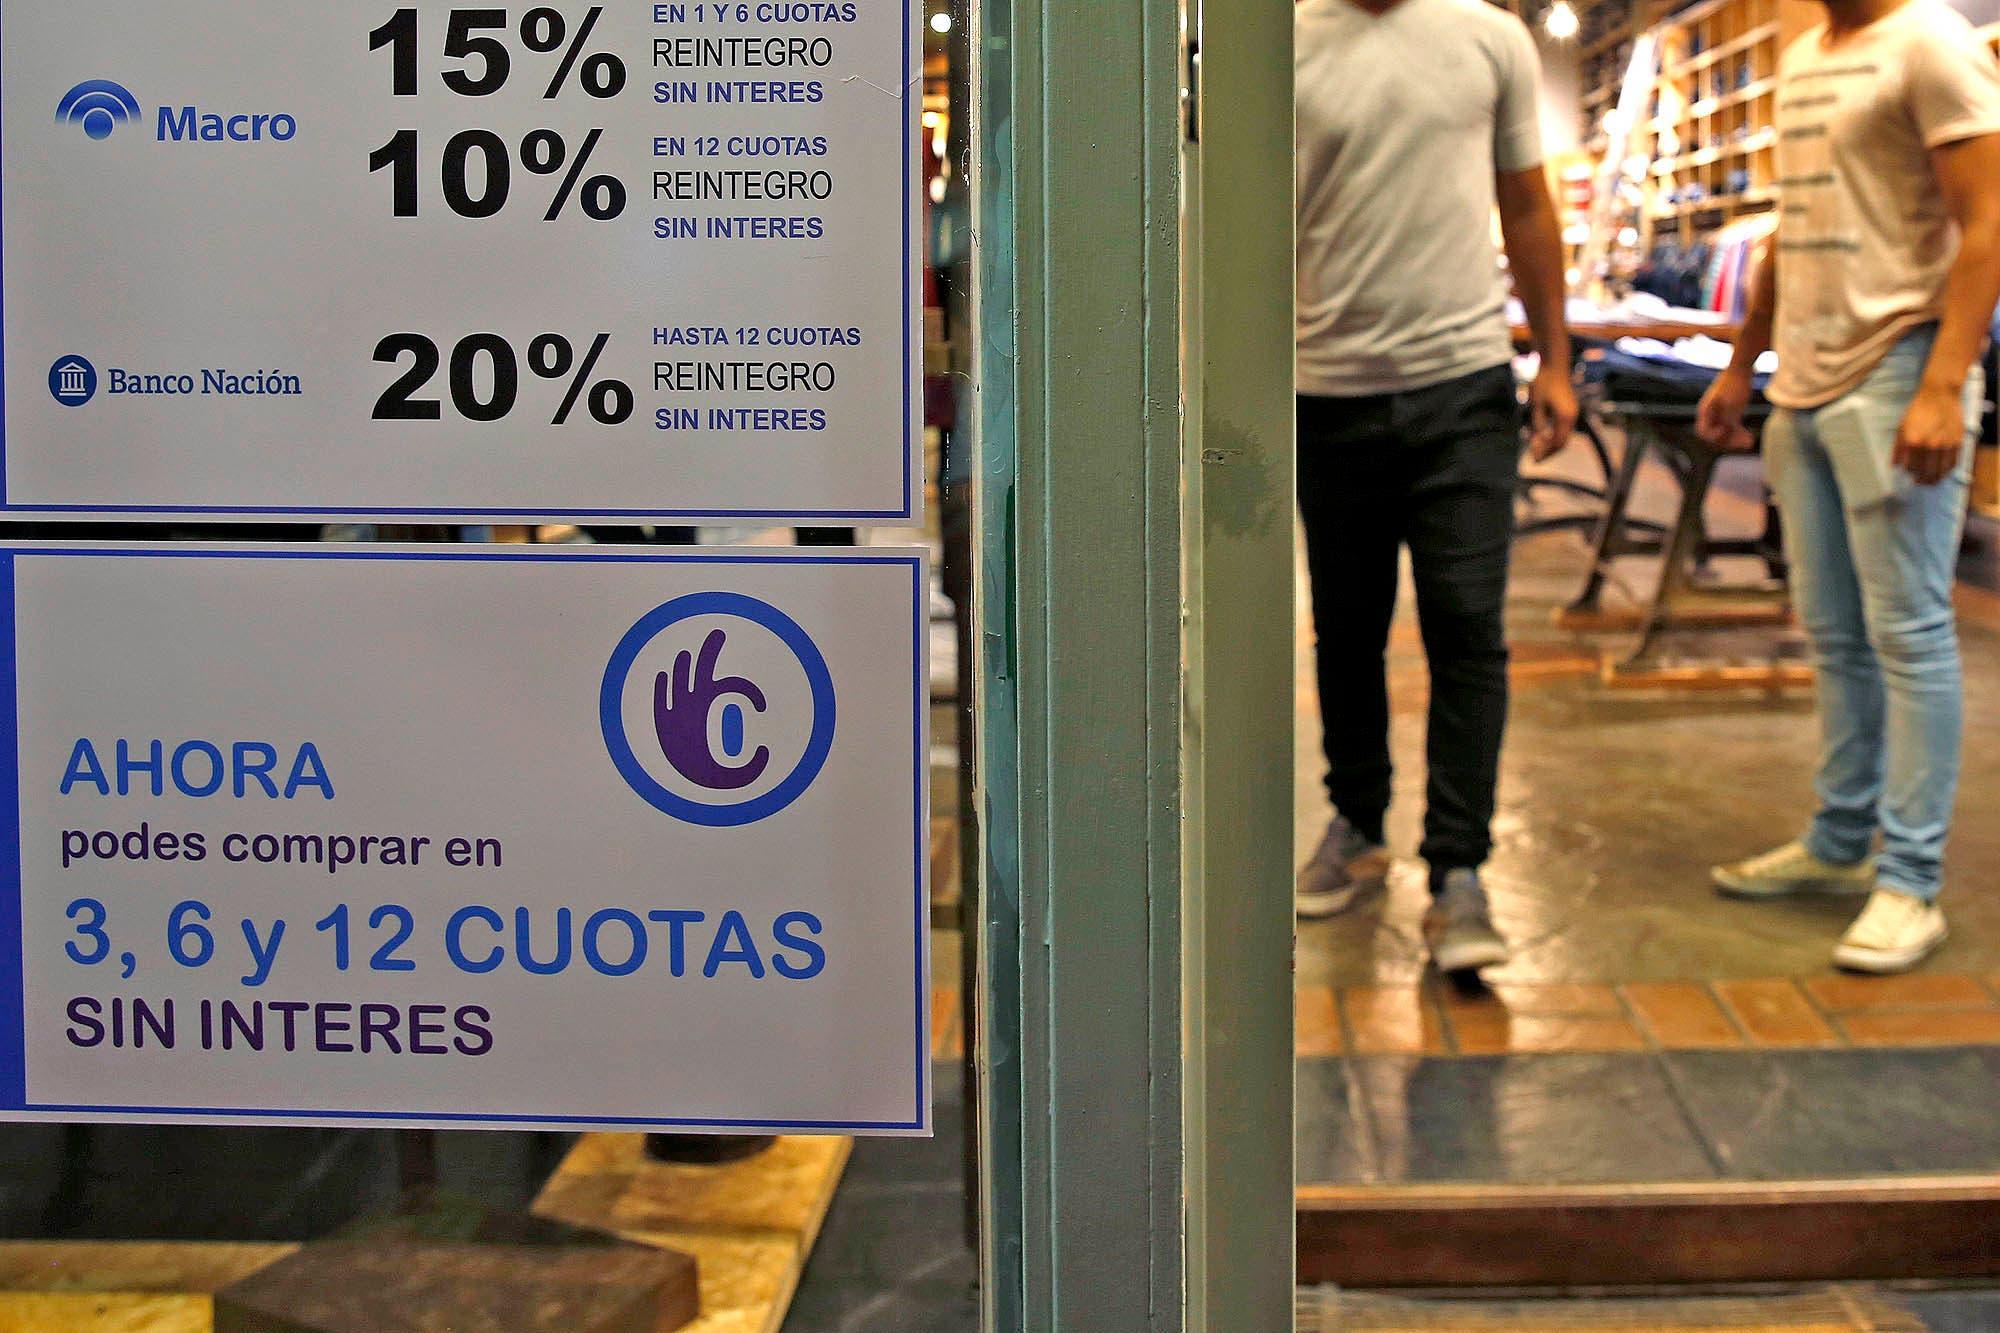 Garbarino renegoció una deuda por $4000 millones con bancos y ahora busca que el mercado le de oportunidad